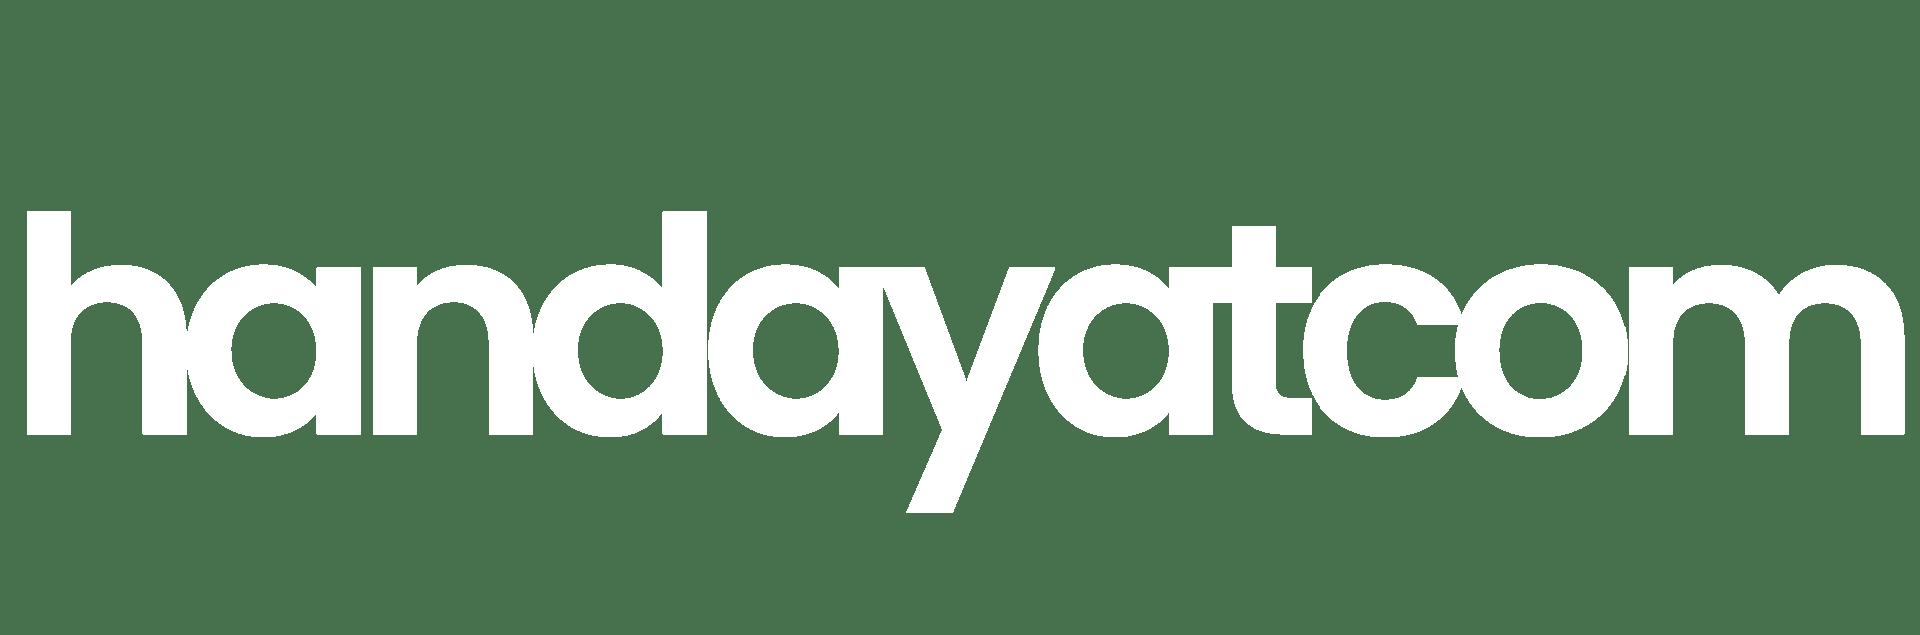 Handayat